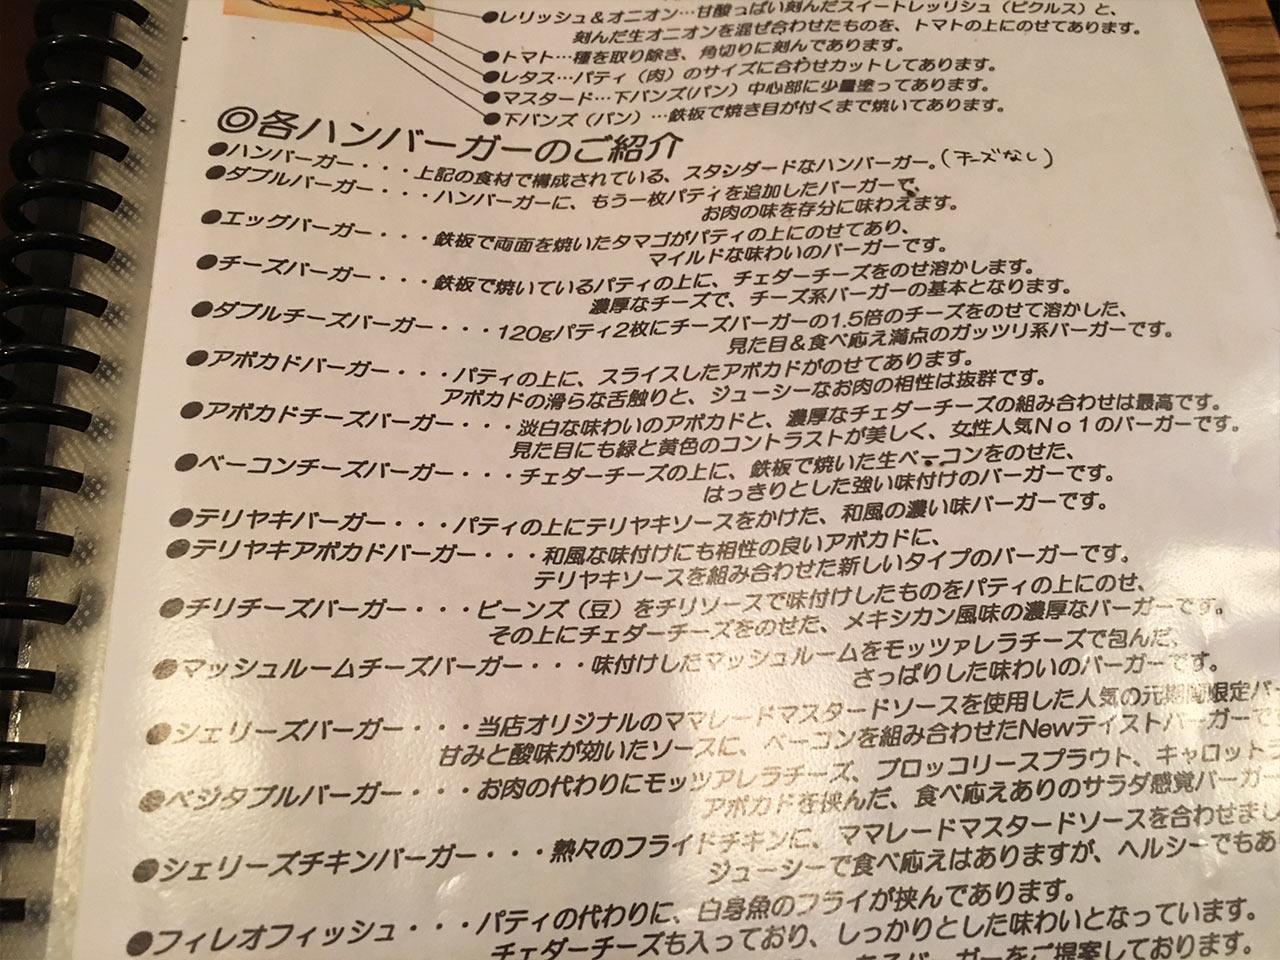 武蔵小山Sherry's Burger Cafeのメニュー ハンバーガー解説ページ